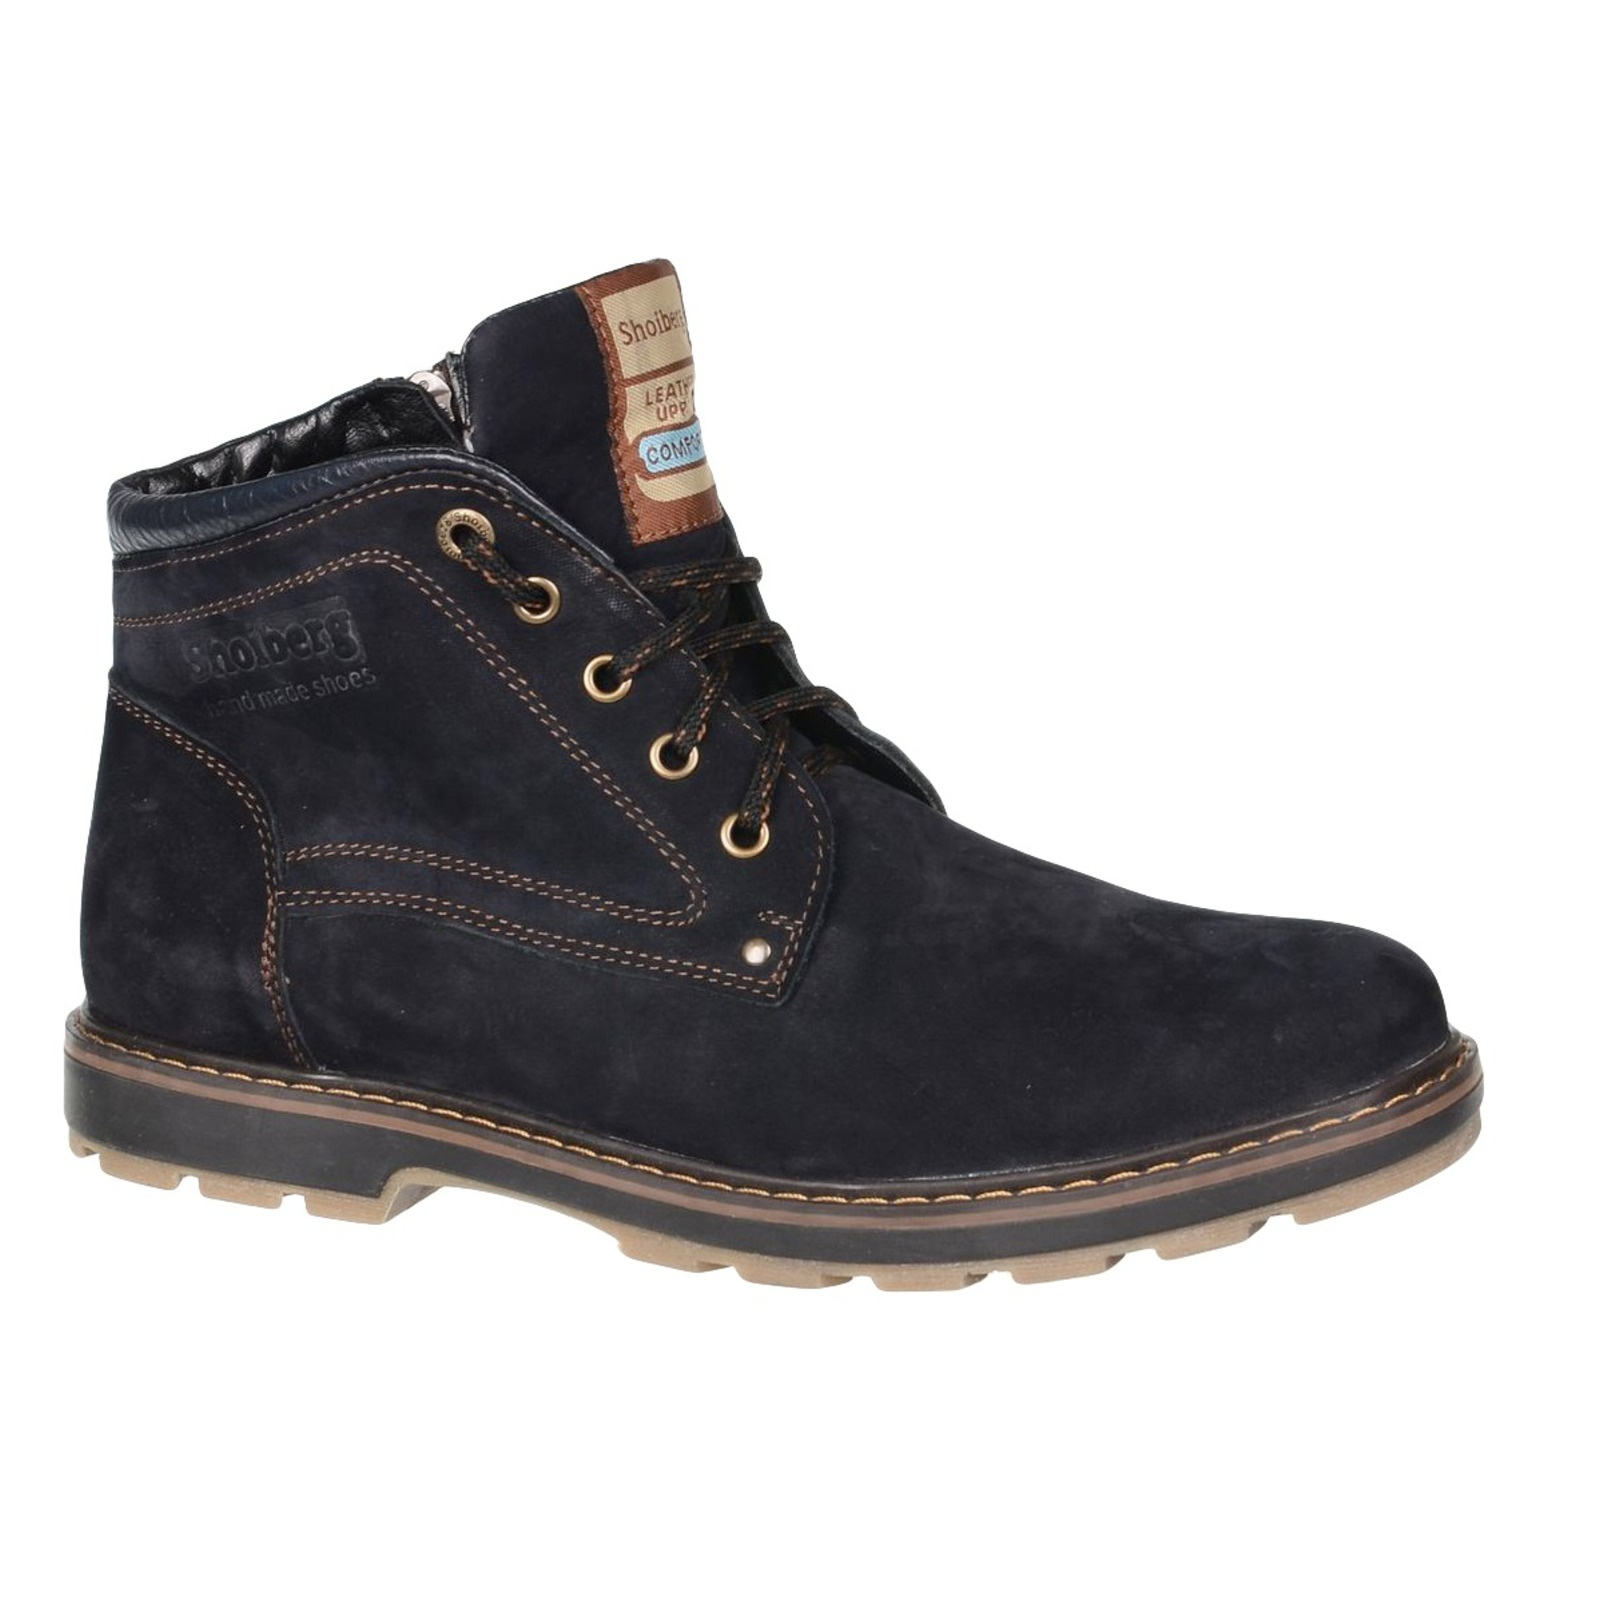 Ботинки мужские на шнуровке и молнии обувь shoiberg